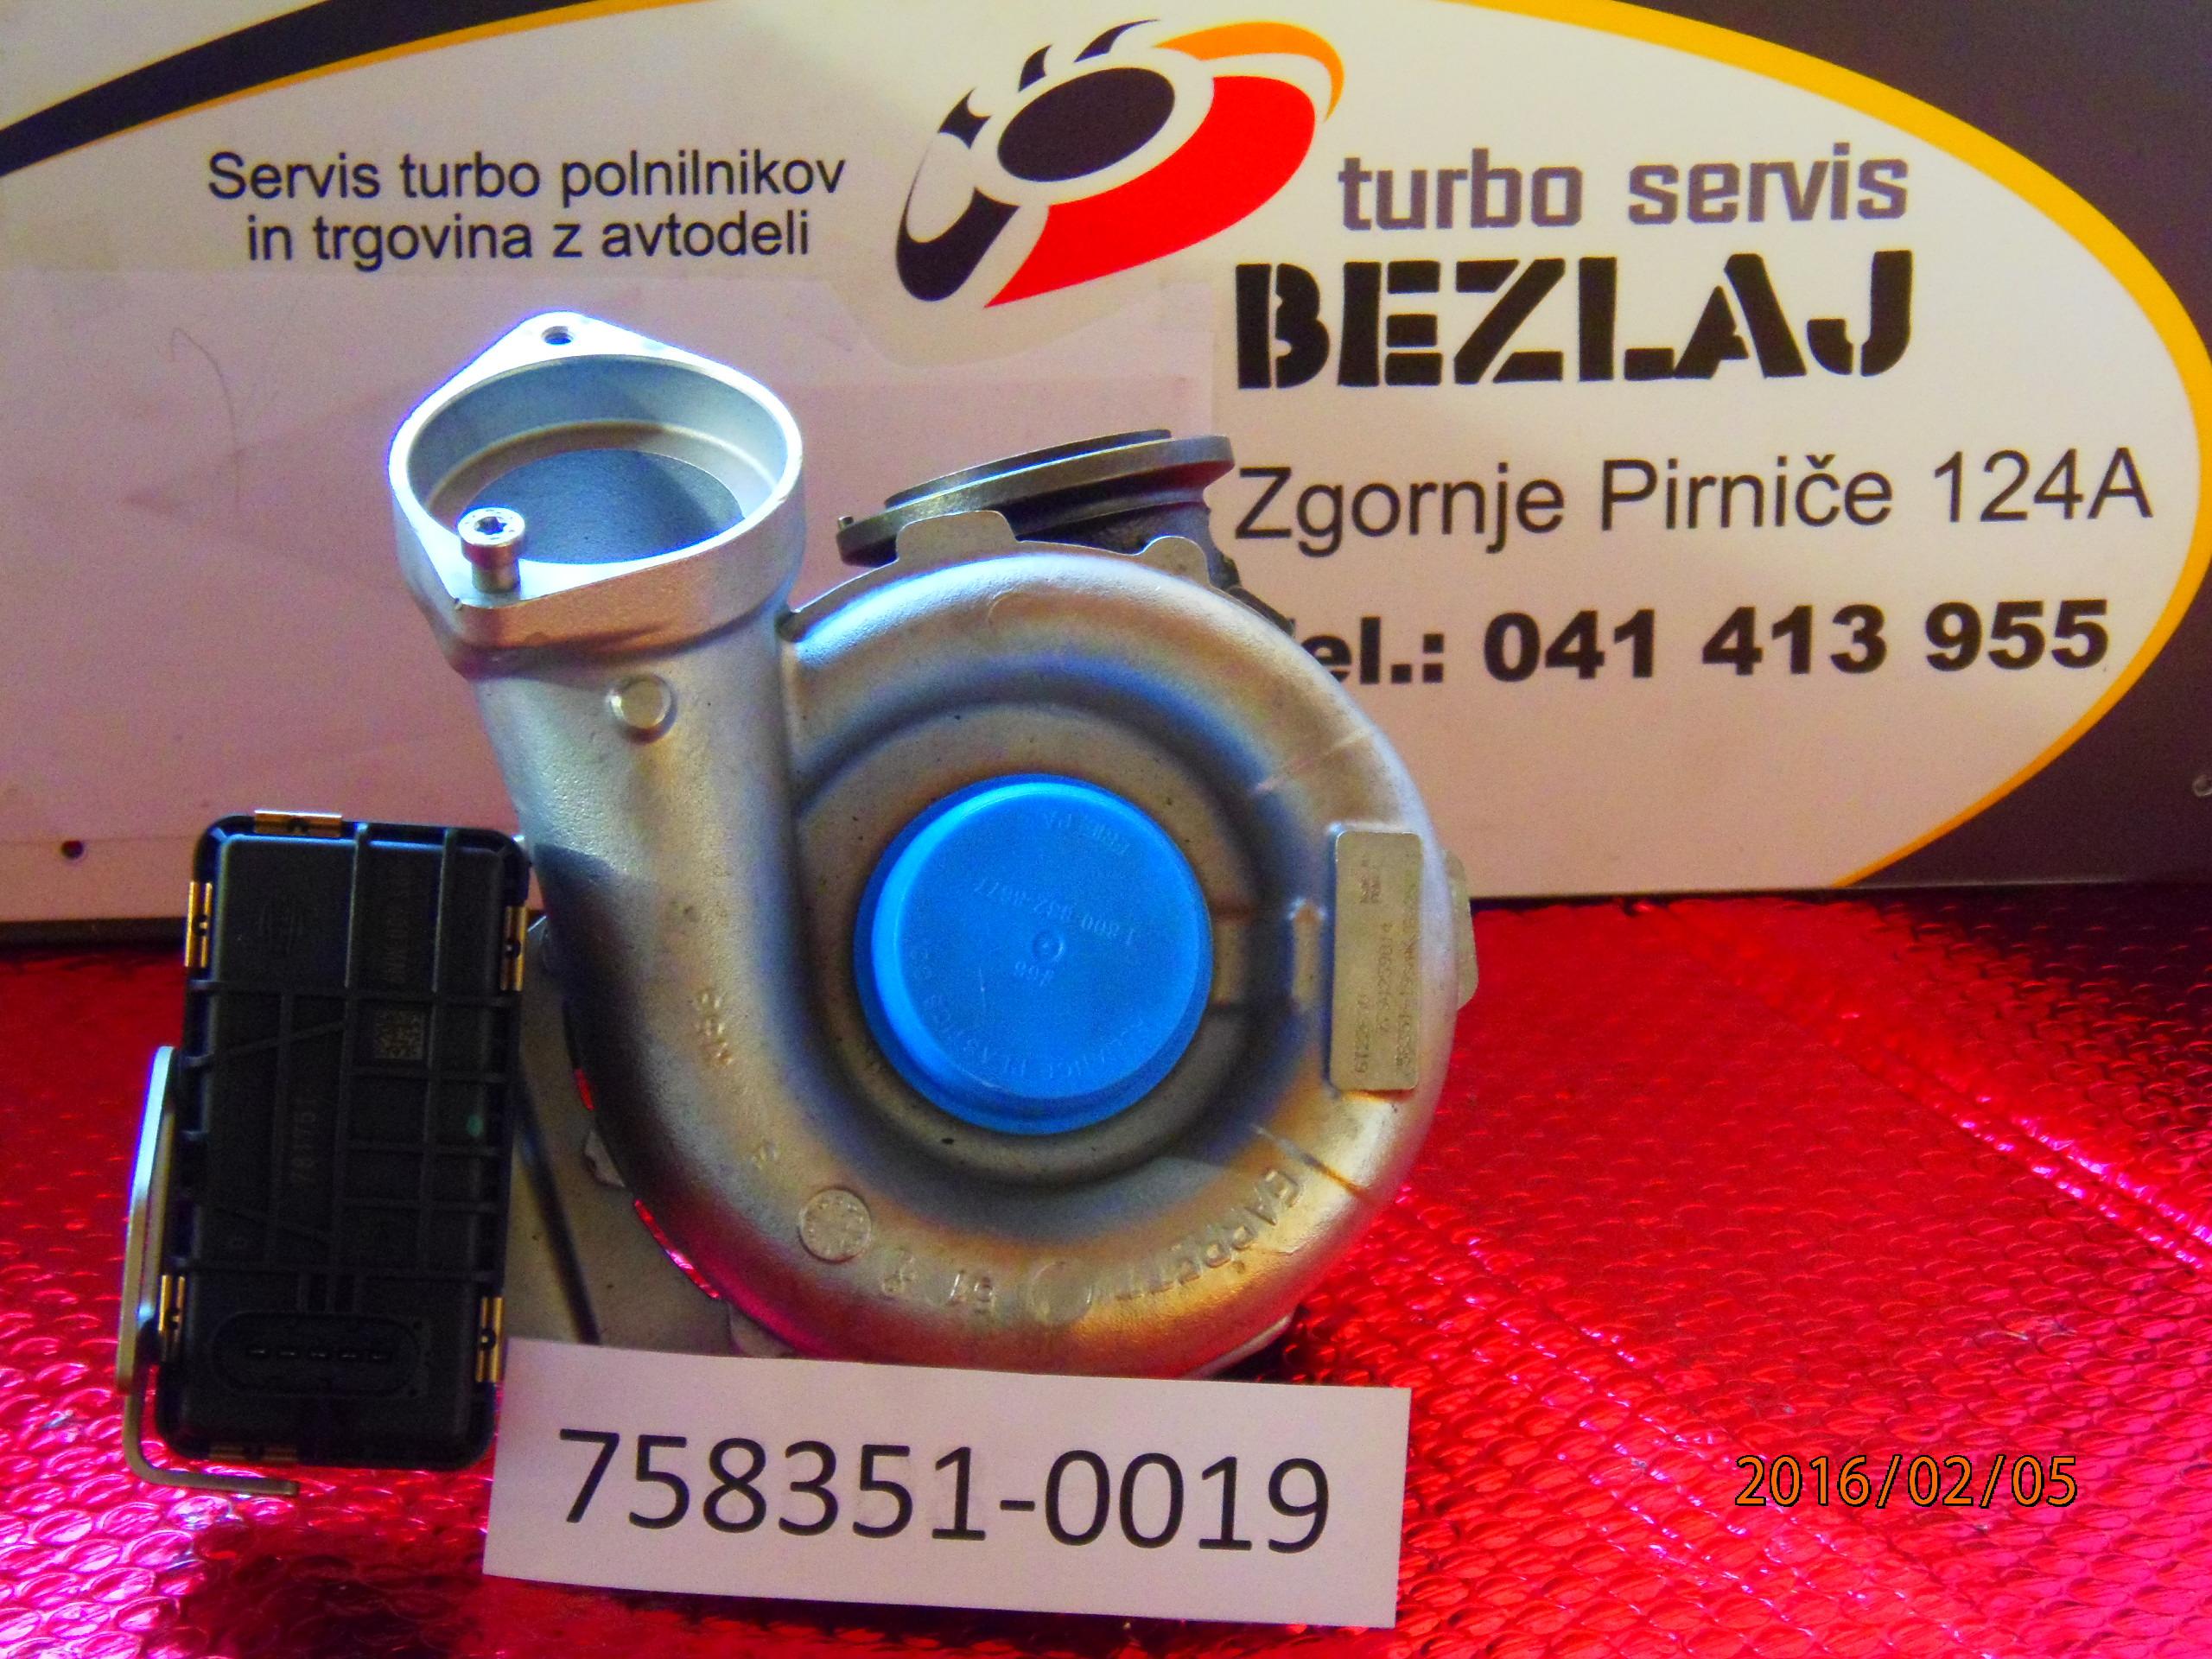 turbo 758351-0019 (2)